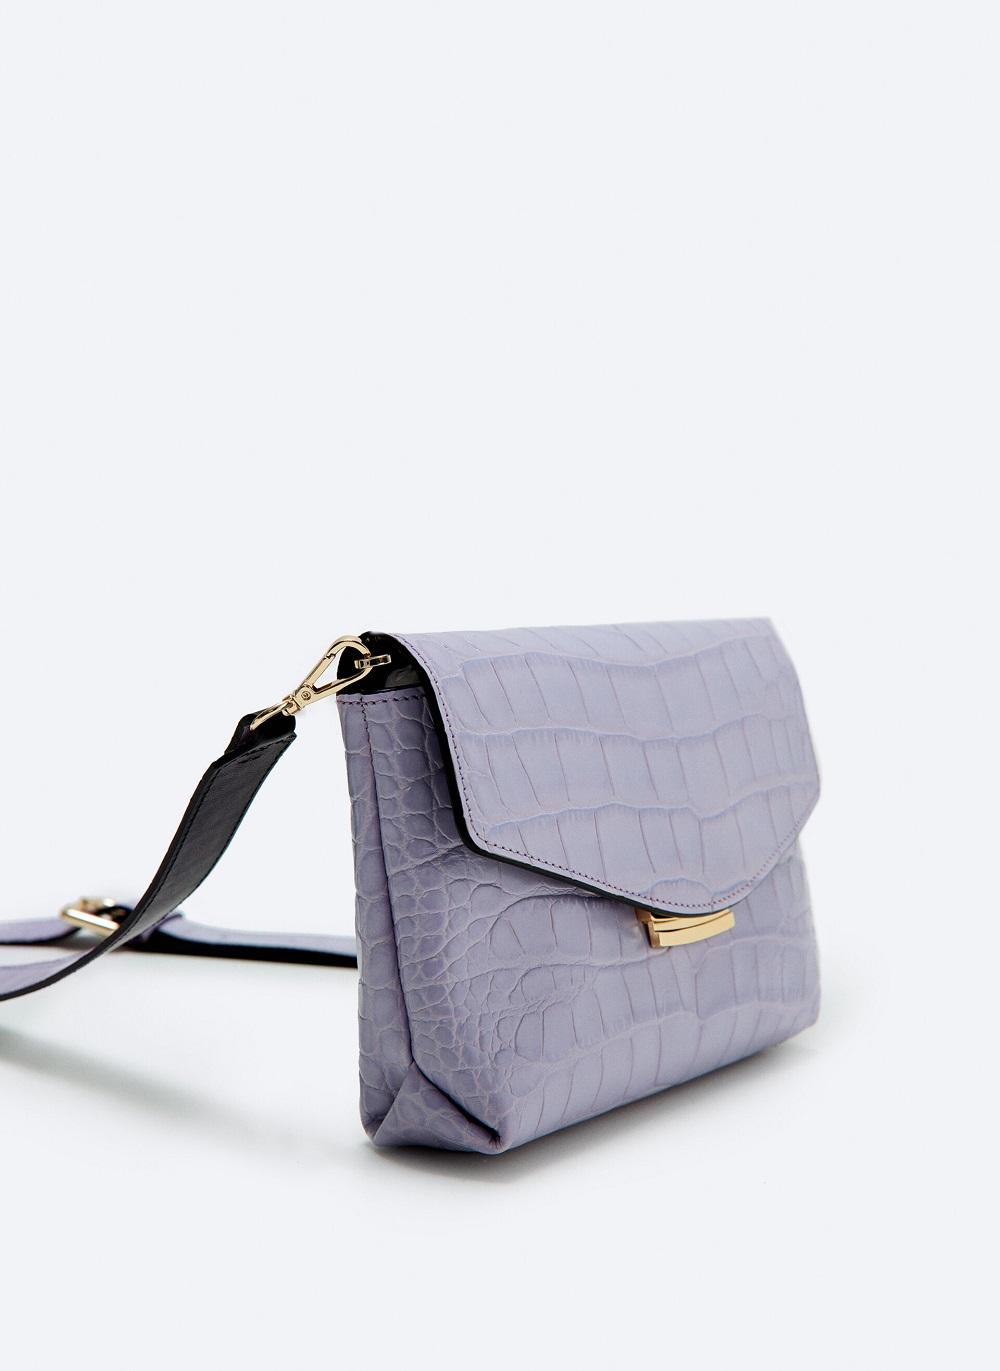 Uterque torbe u boji proljeće ljeto 2021.